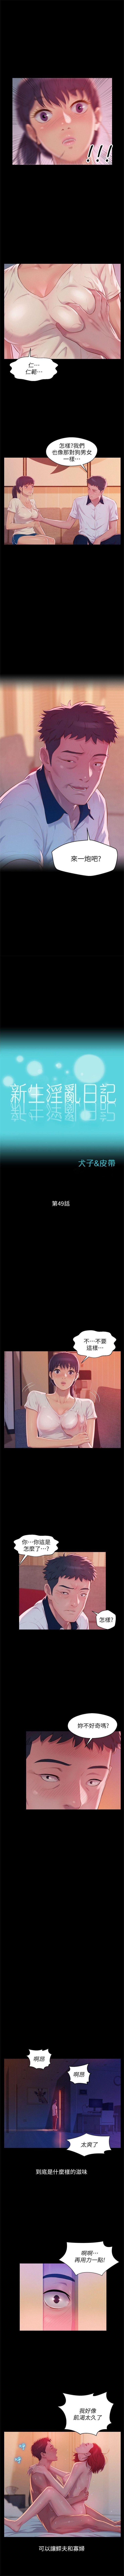 新生淫乱日记 1-61完结(中文) 259